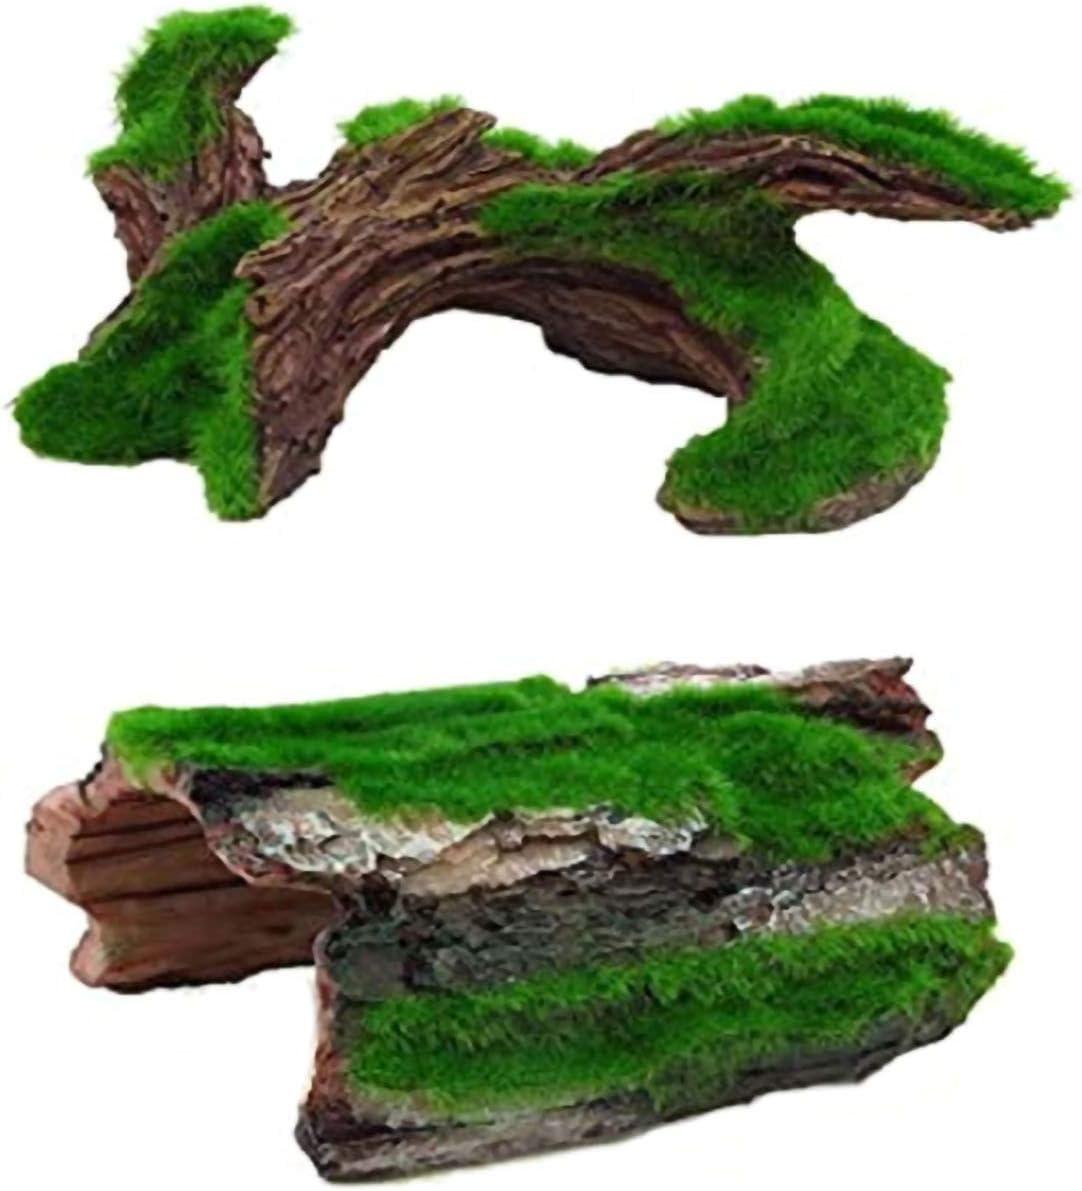 Aquarium Trunk Resin Driftwood Betta Log Hollow Tree Trunk Ornament Hideouts Reptile Cave Medium Fish Tank Decor 2Pcs